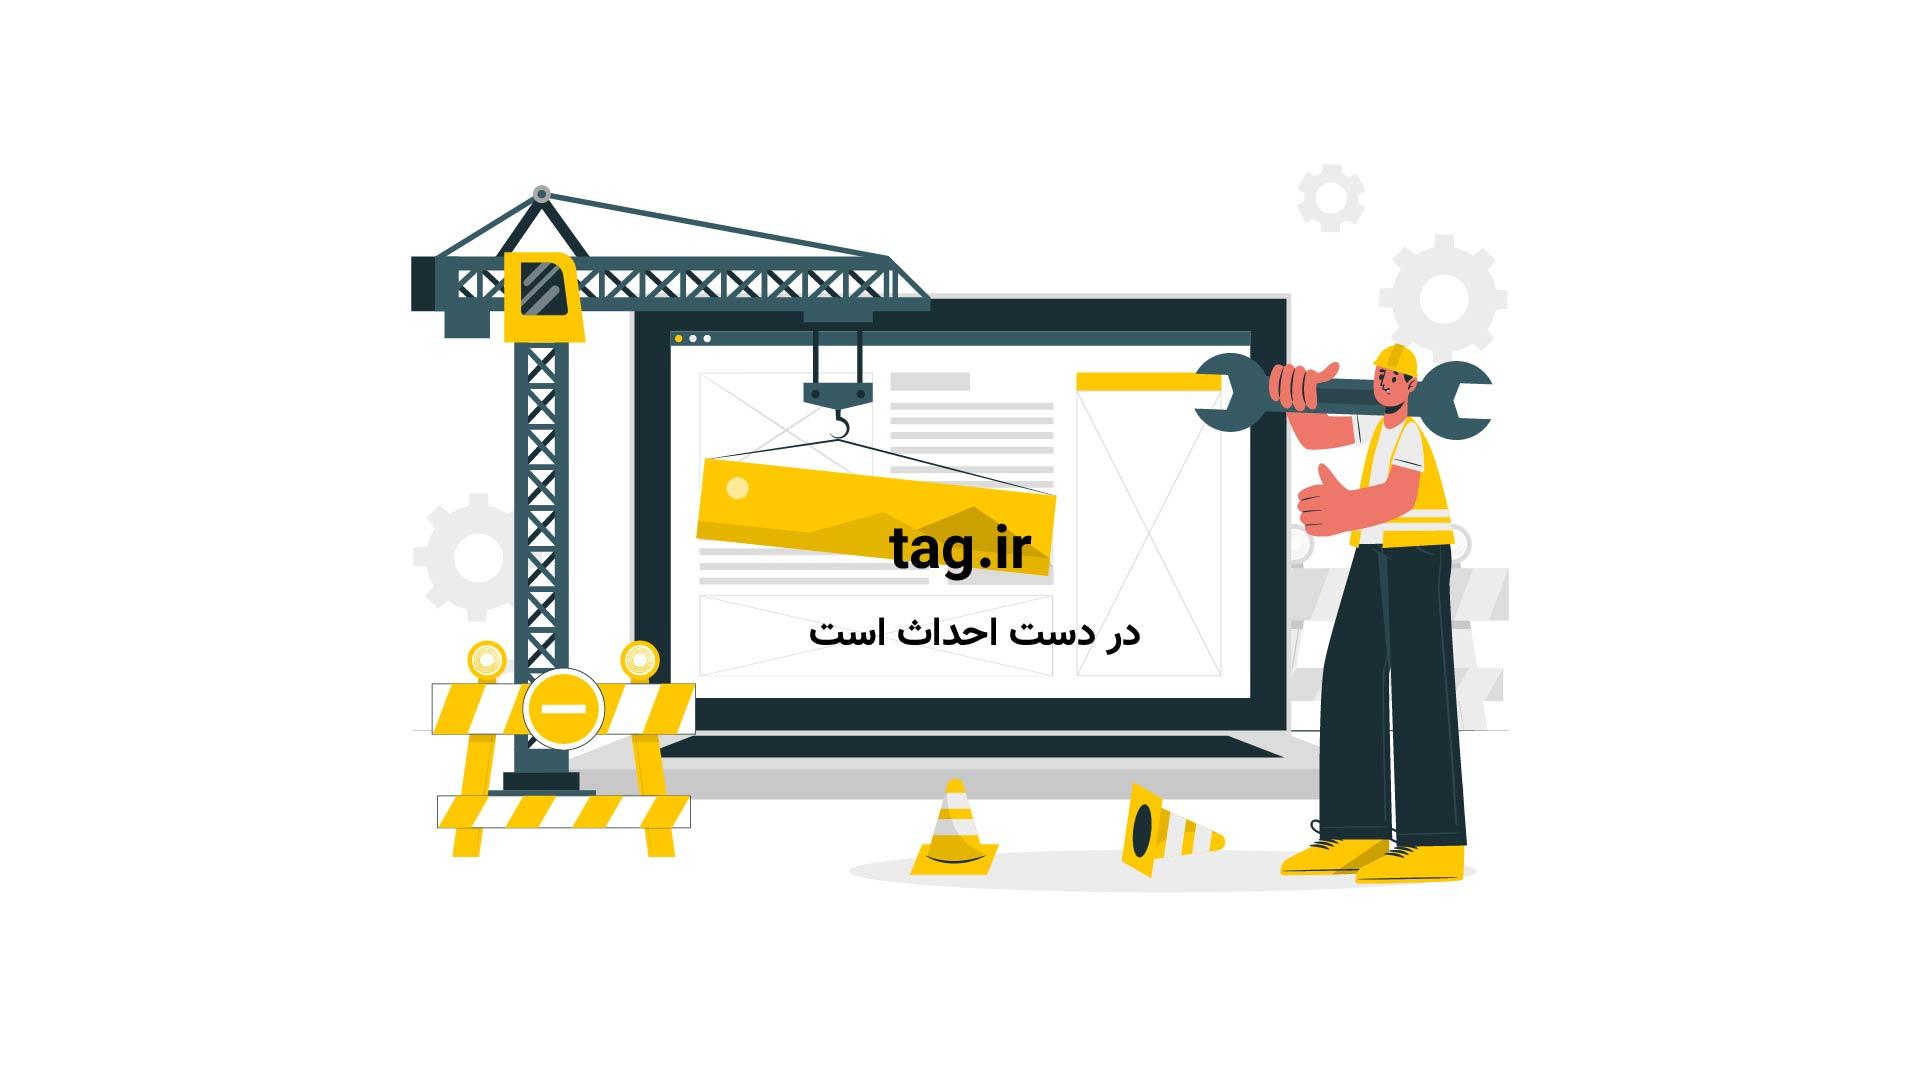 استندآپ کمدی مهران مدیری با موضوع ساخت و ساز | فیلم